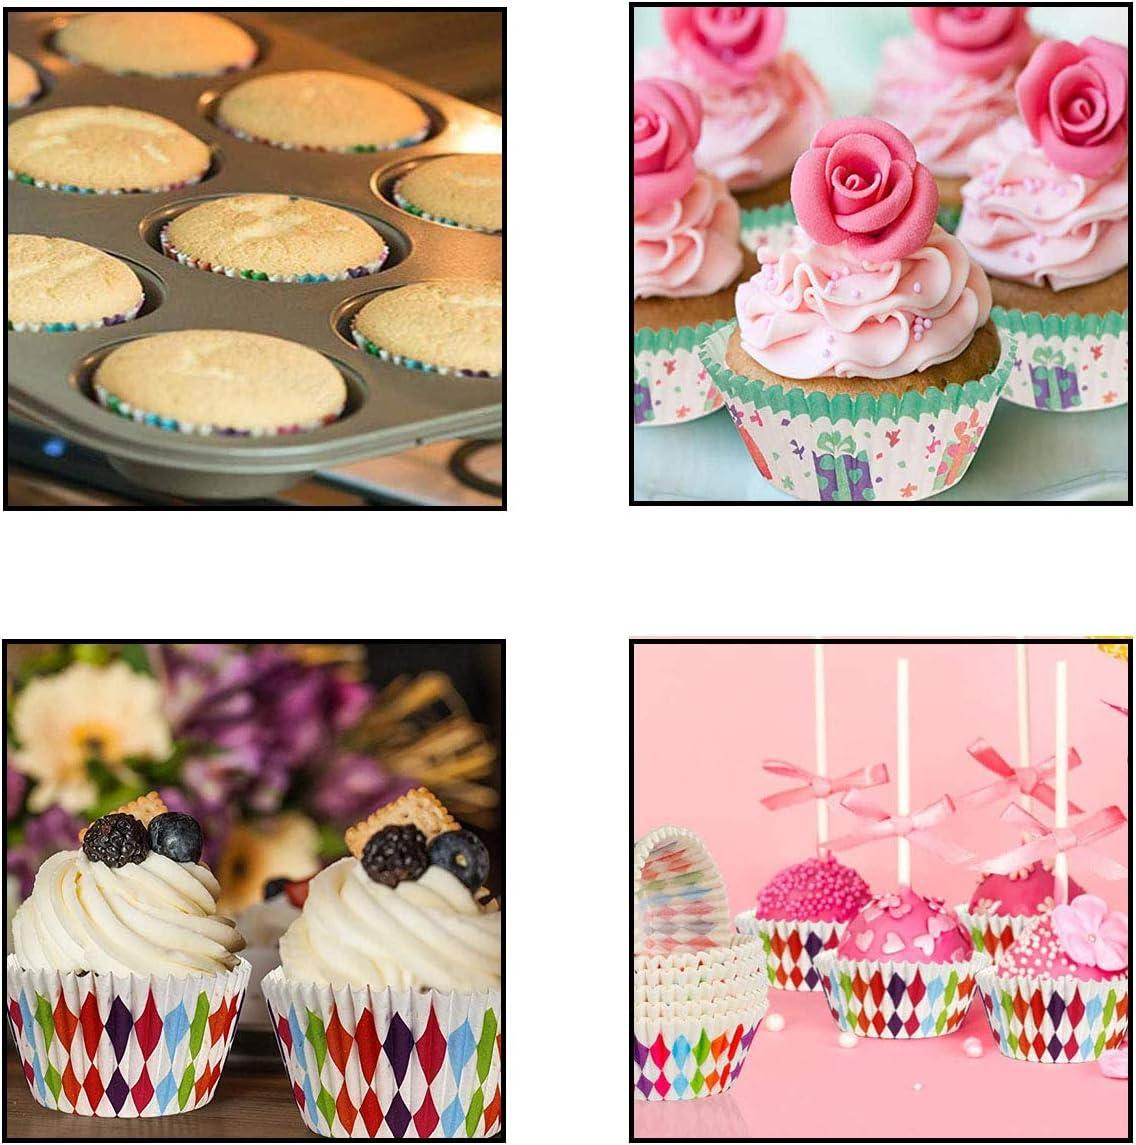 Osuter 500 Pi/èces Caissettes Cupcake en Papier Moulle /à Muffin pour Chocolat Mariage Cuisine Baking Dessert D/écoration Bricolage